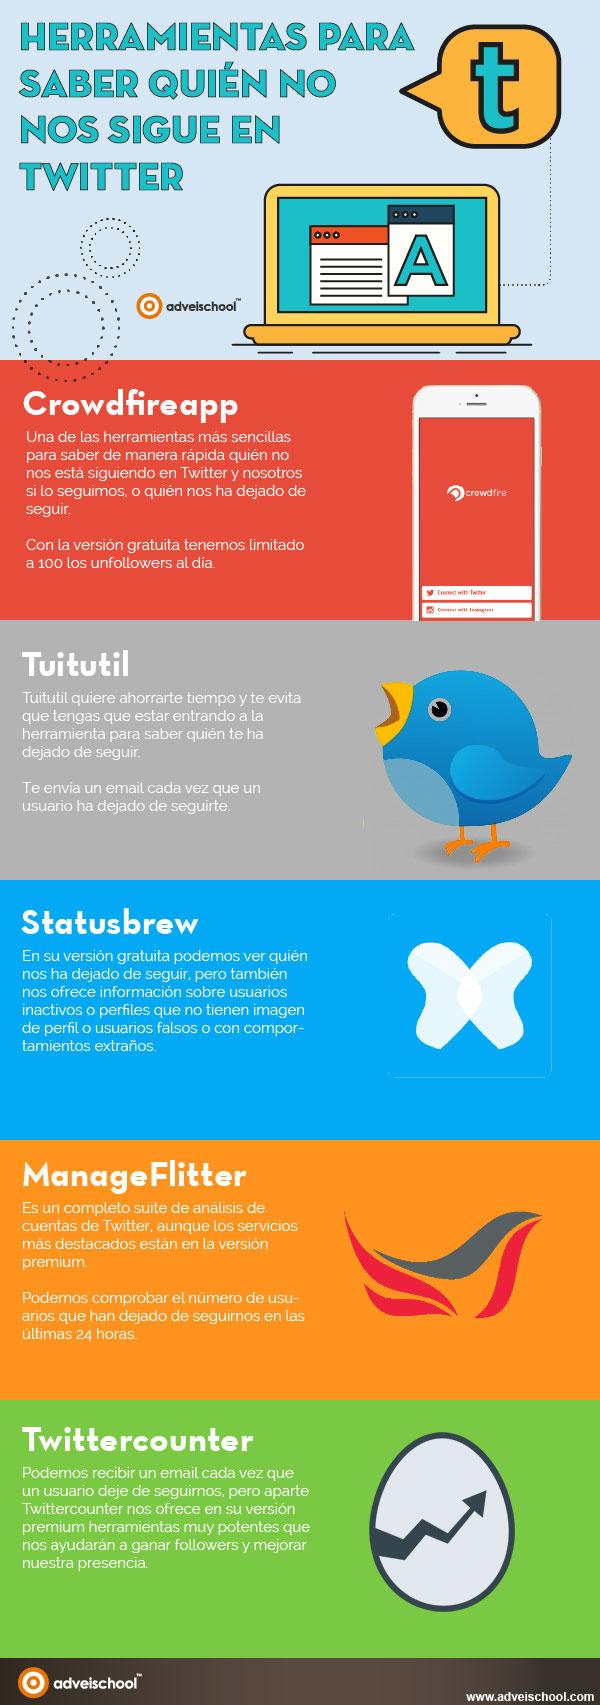 5 herramientas para saber quién NO nos sigue en Twitter